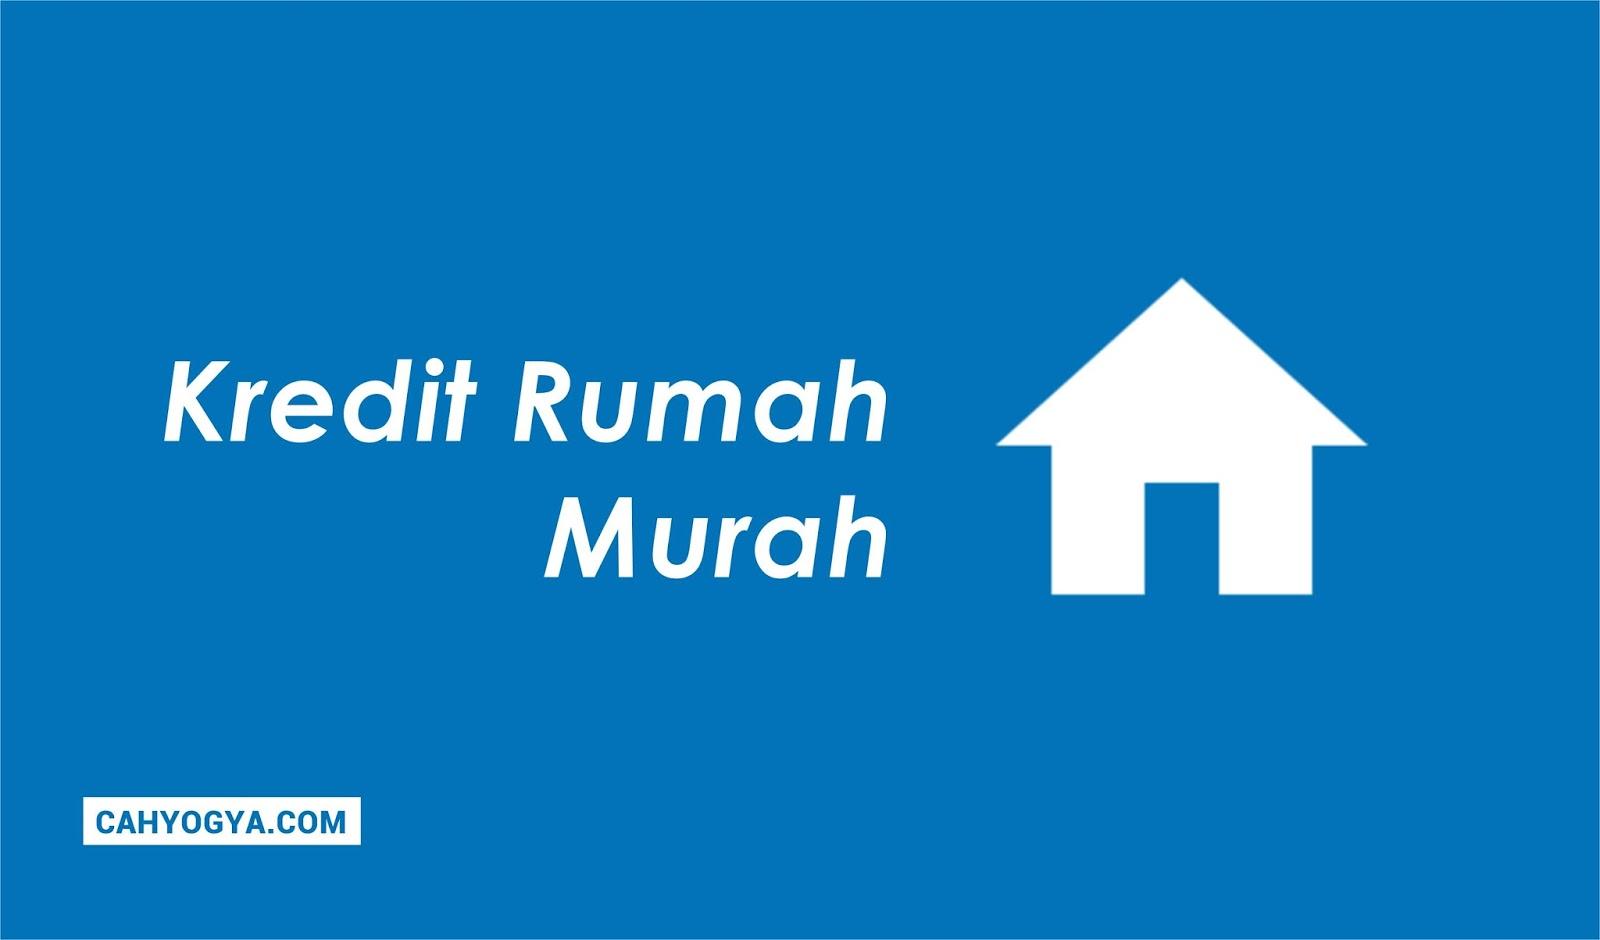 Kredit Rumah Murah Melalui Situs Urbanindo